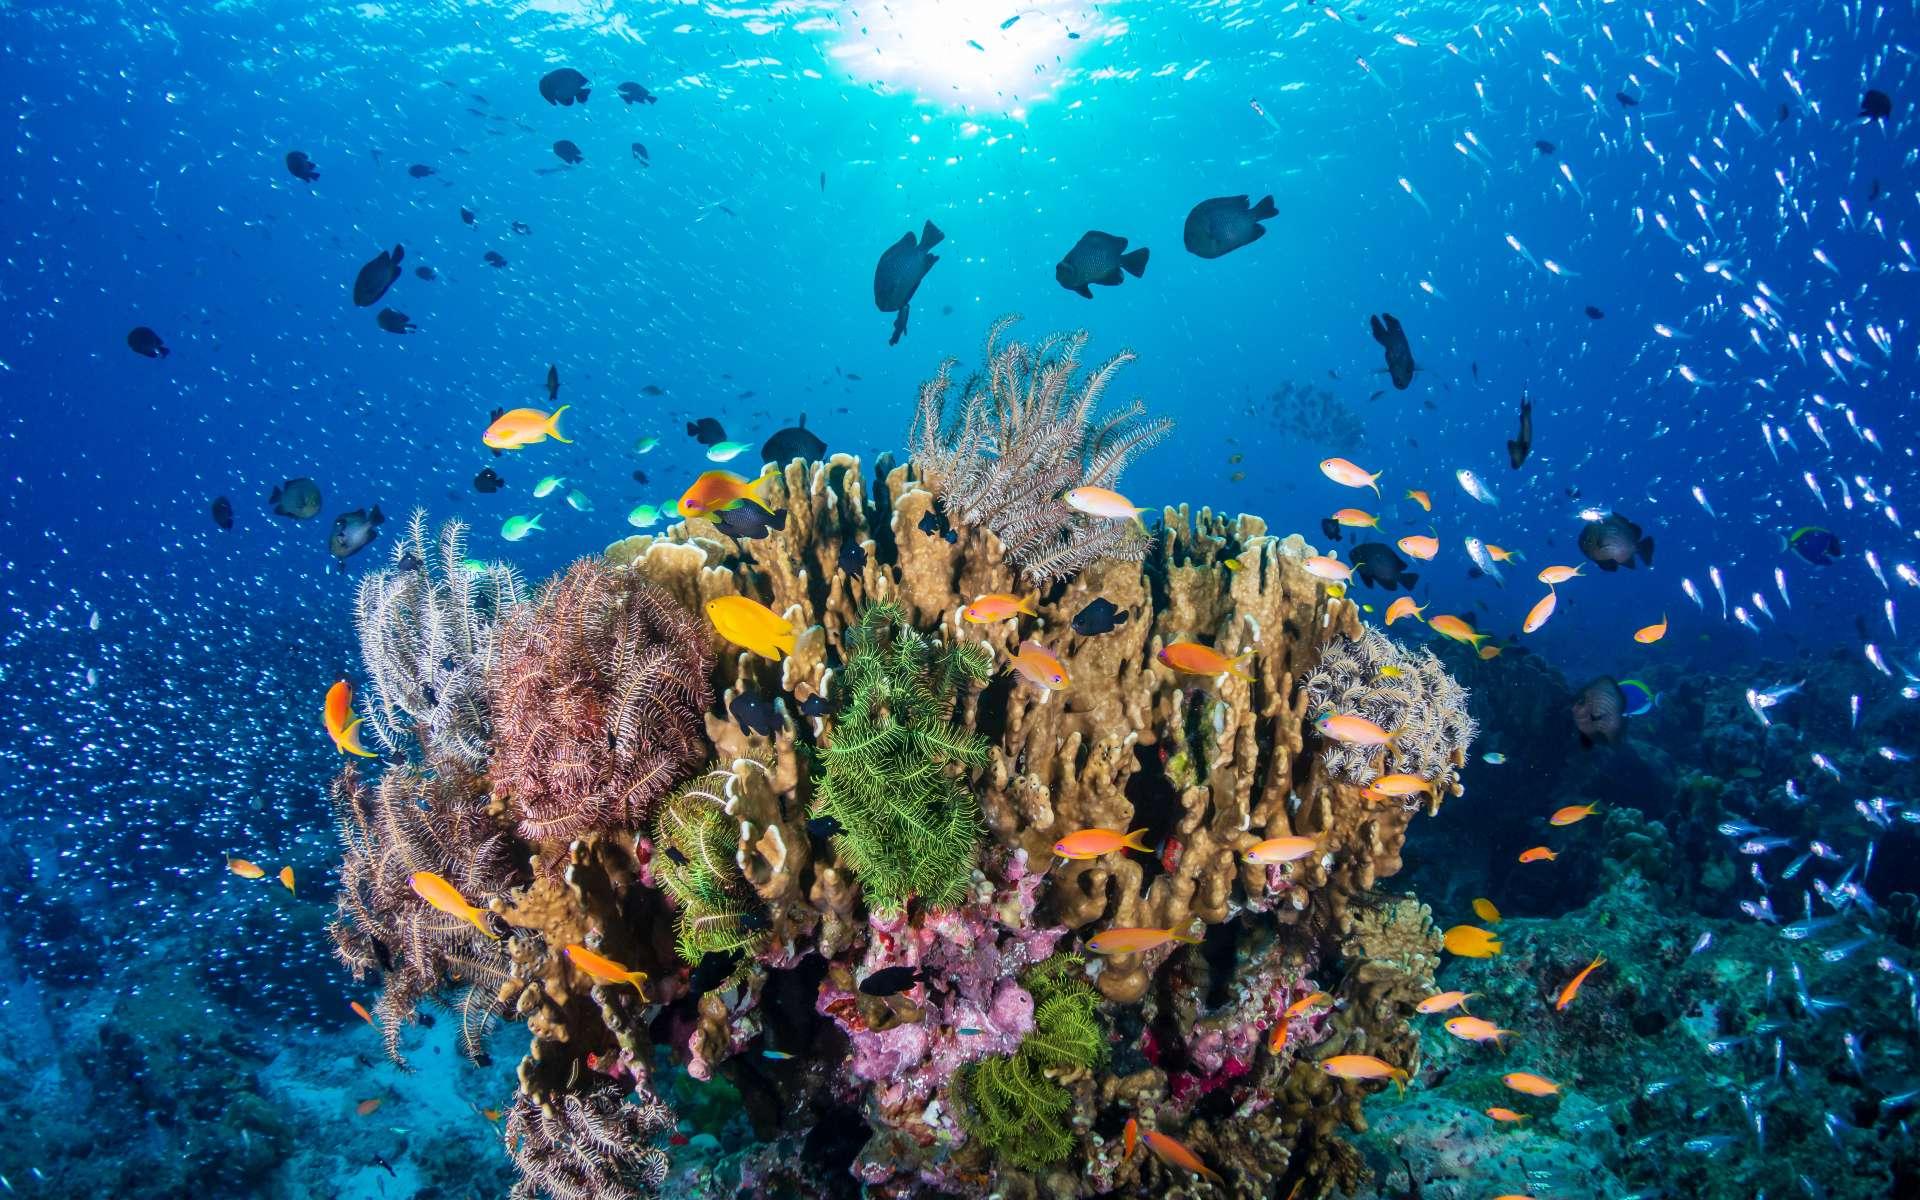 Un nouveau récif corallien a été découvert en Australie, le premier depuis 120 ans. © whitcomberd, Adobe Stock